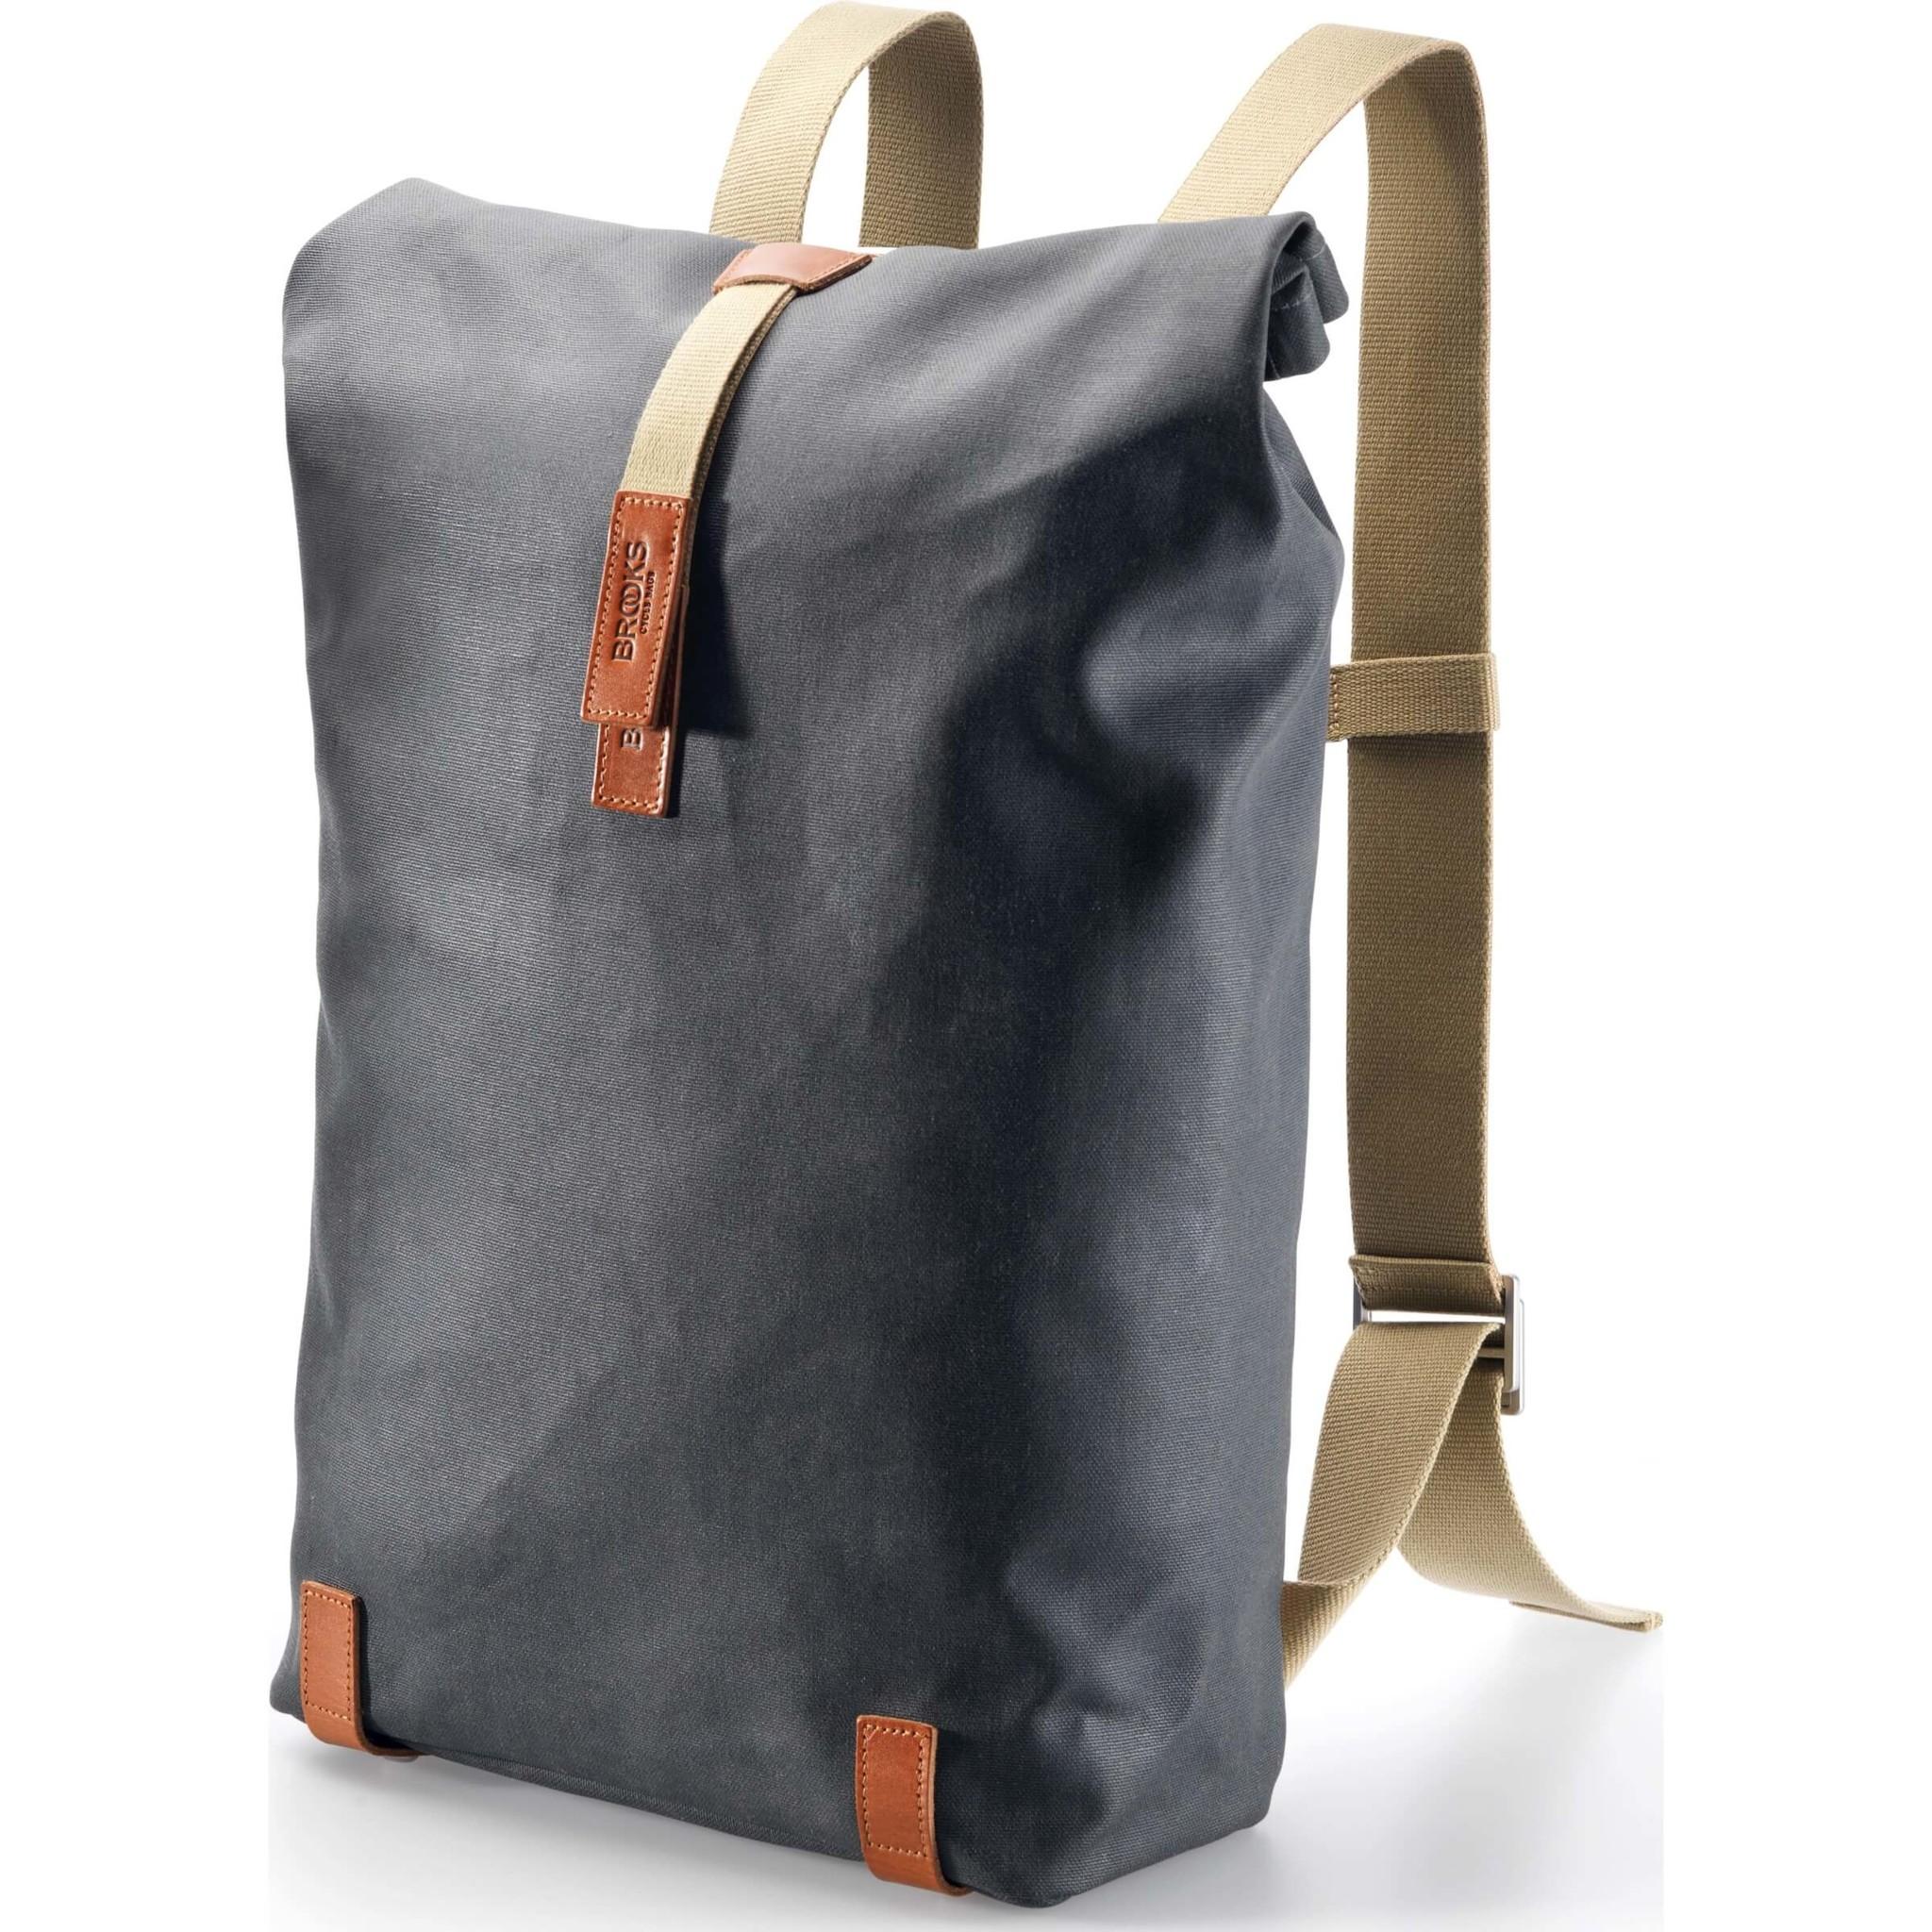 9fe9c5cdd87 Brooks England Rugtas Pickwick Backpack S 12L Grijs - Fietstas.com